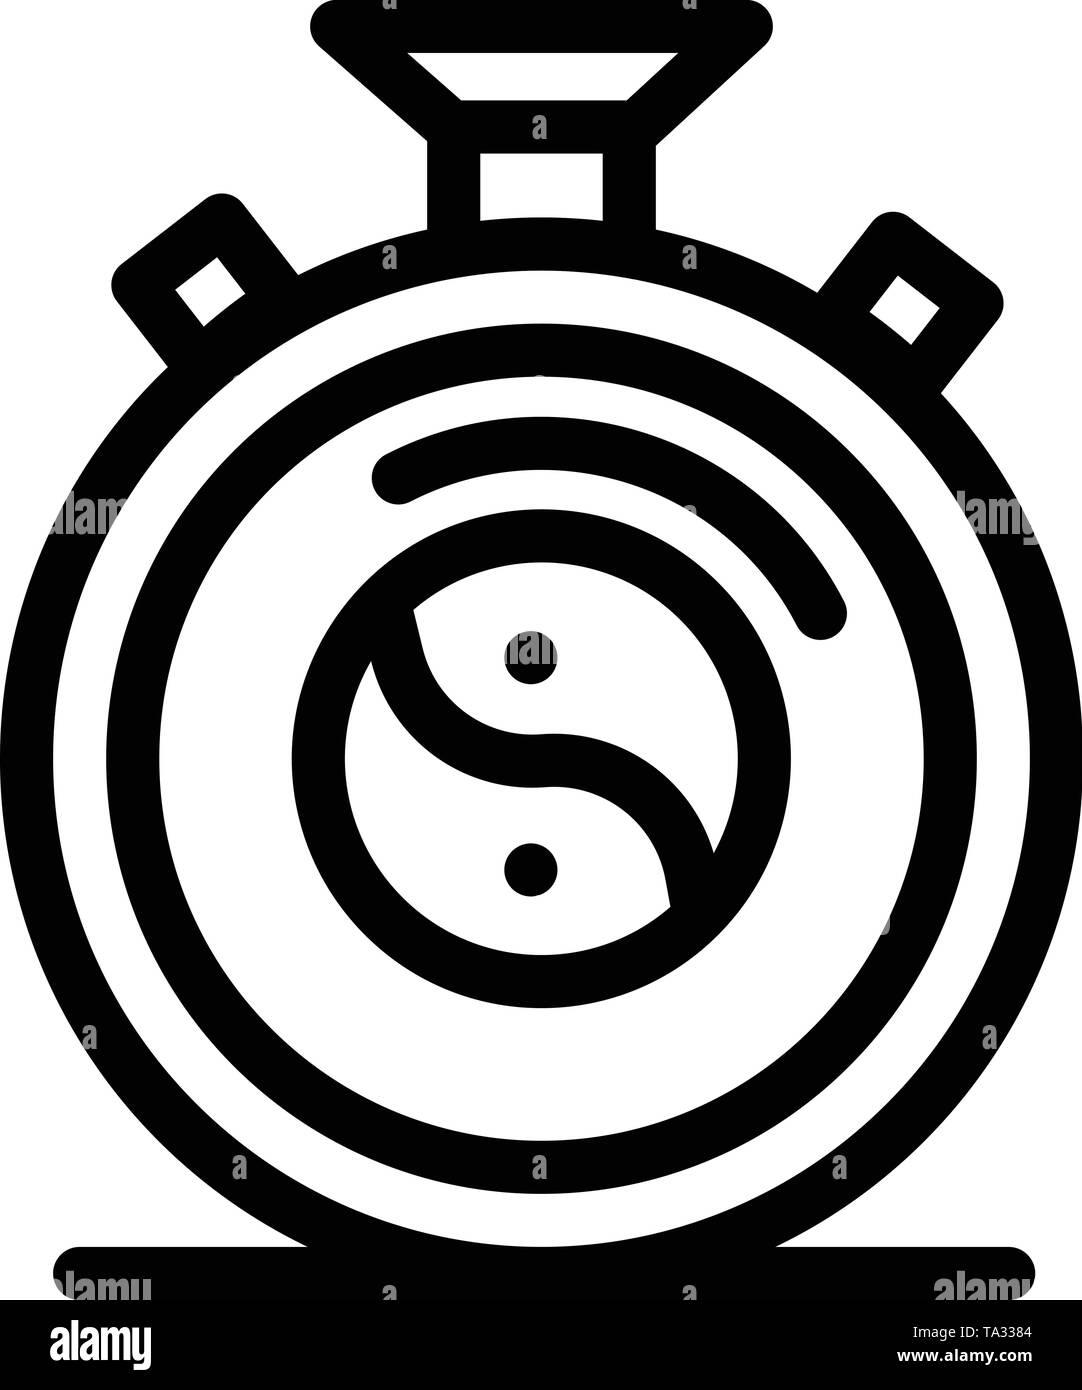 Uhr, Konzentration, Meditation, Praxis Blau und Rot Jetzt herunterladen und Web Widget Karte Vorlage kaufen Stockbild